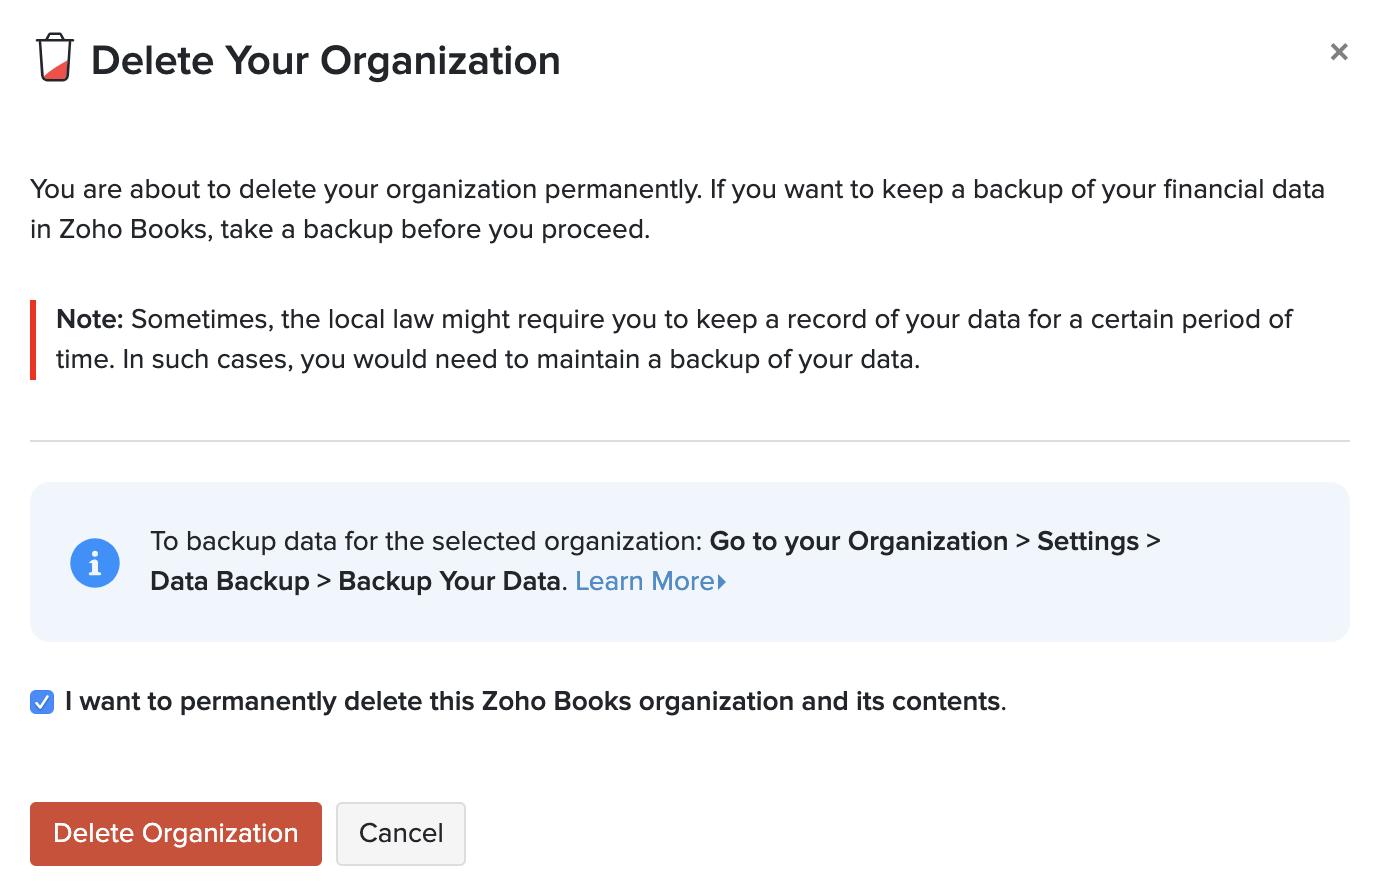 Delete Organization